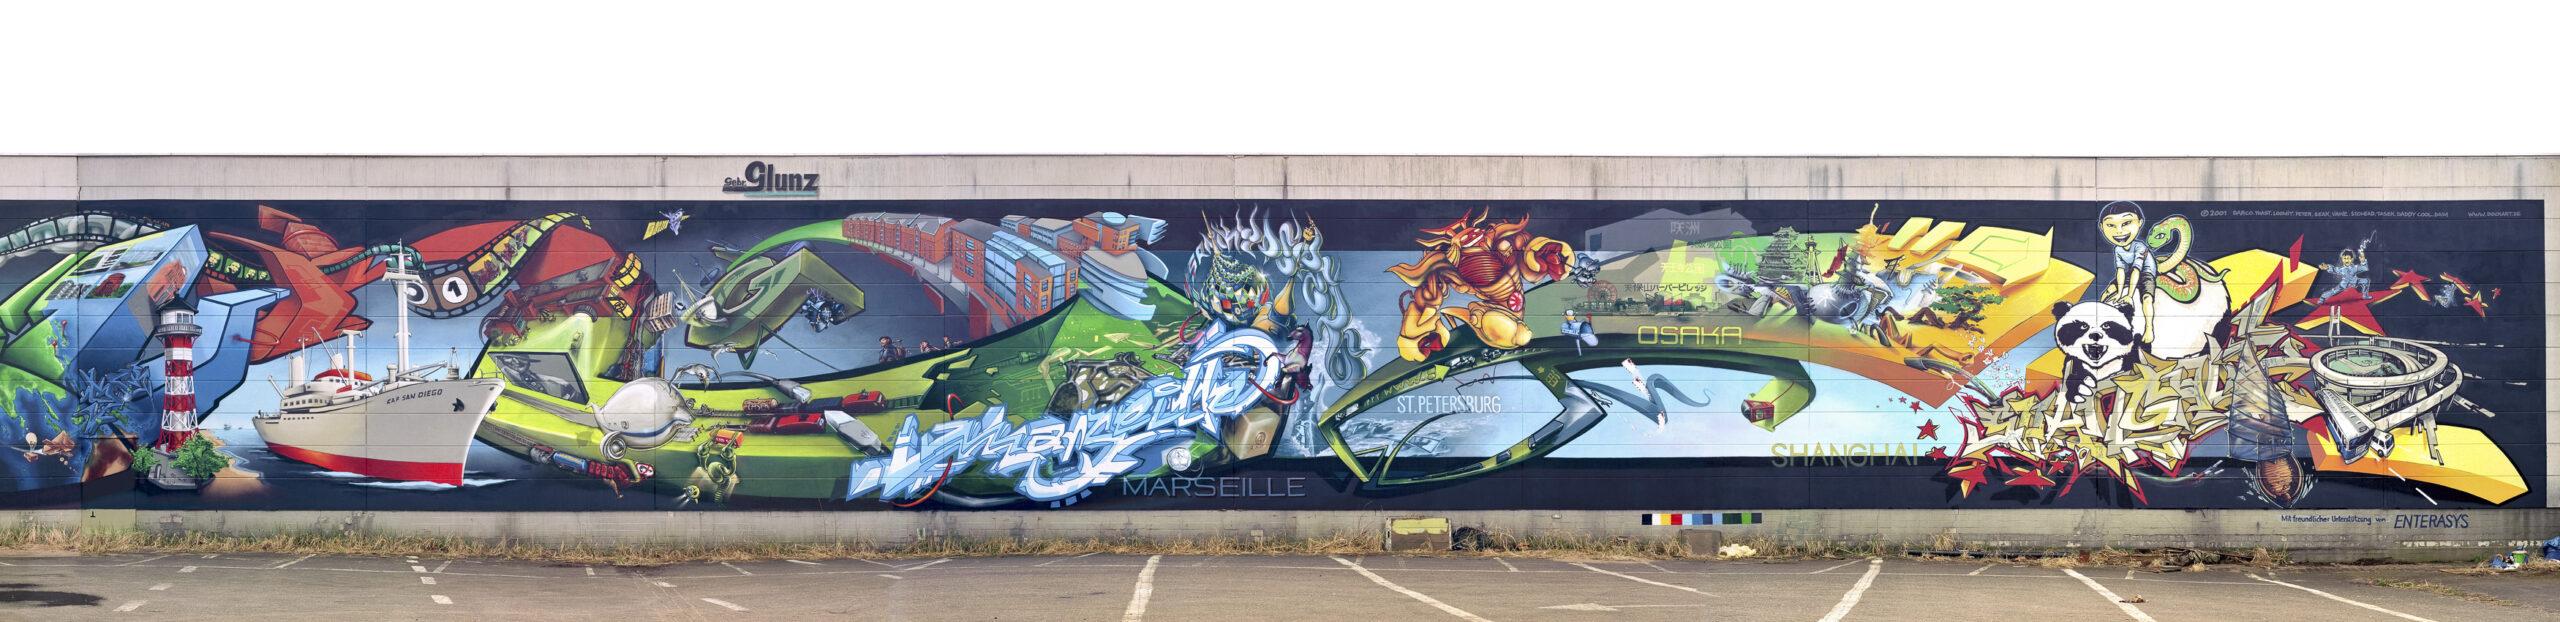 Graffiti, Graffito, größtes Graffiti der Welt, Mammut-Gemälde, Hamburger Hafen, Hallenwand Bergedorf, Bergedorfer Künstler, Attraktion, Dock 10, Blohm und Voss, Zeitreise